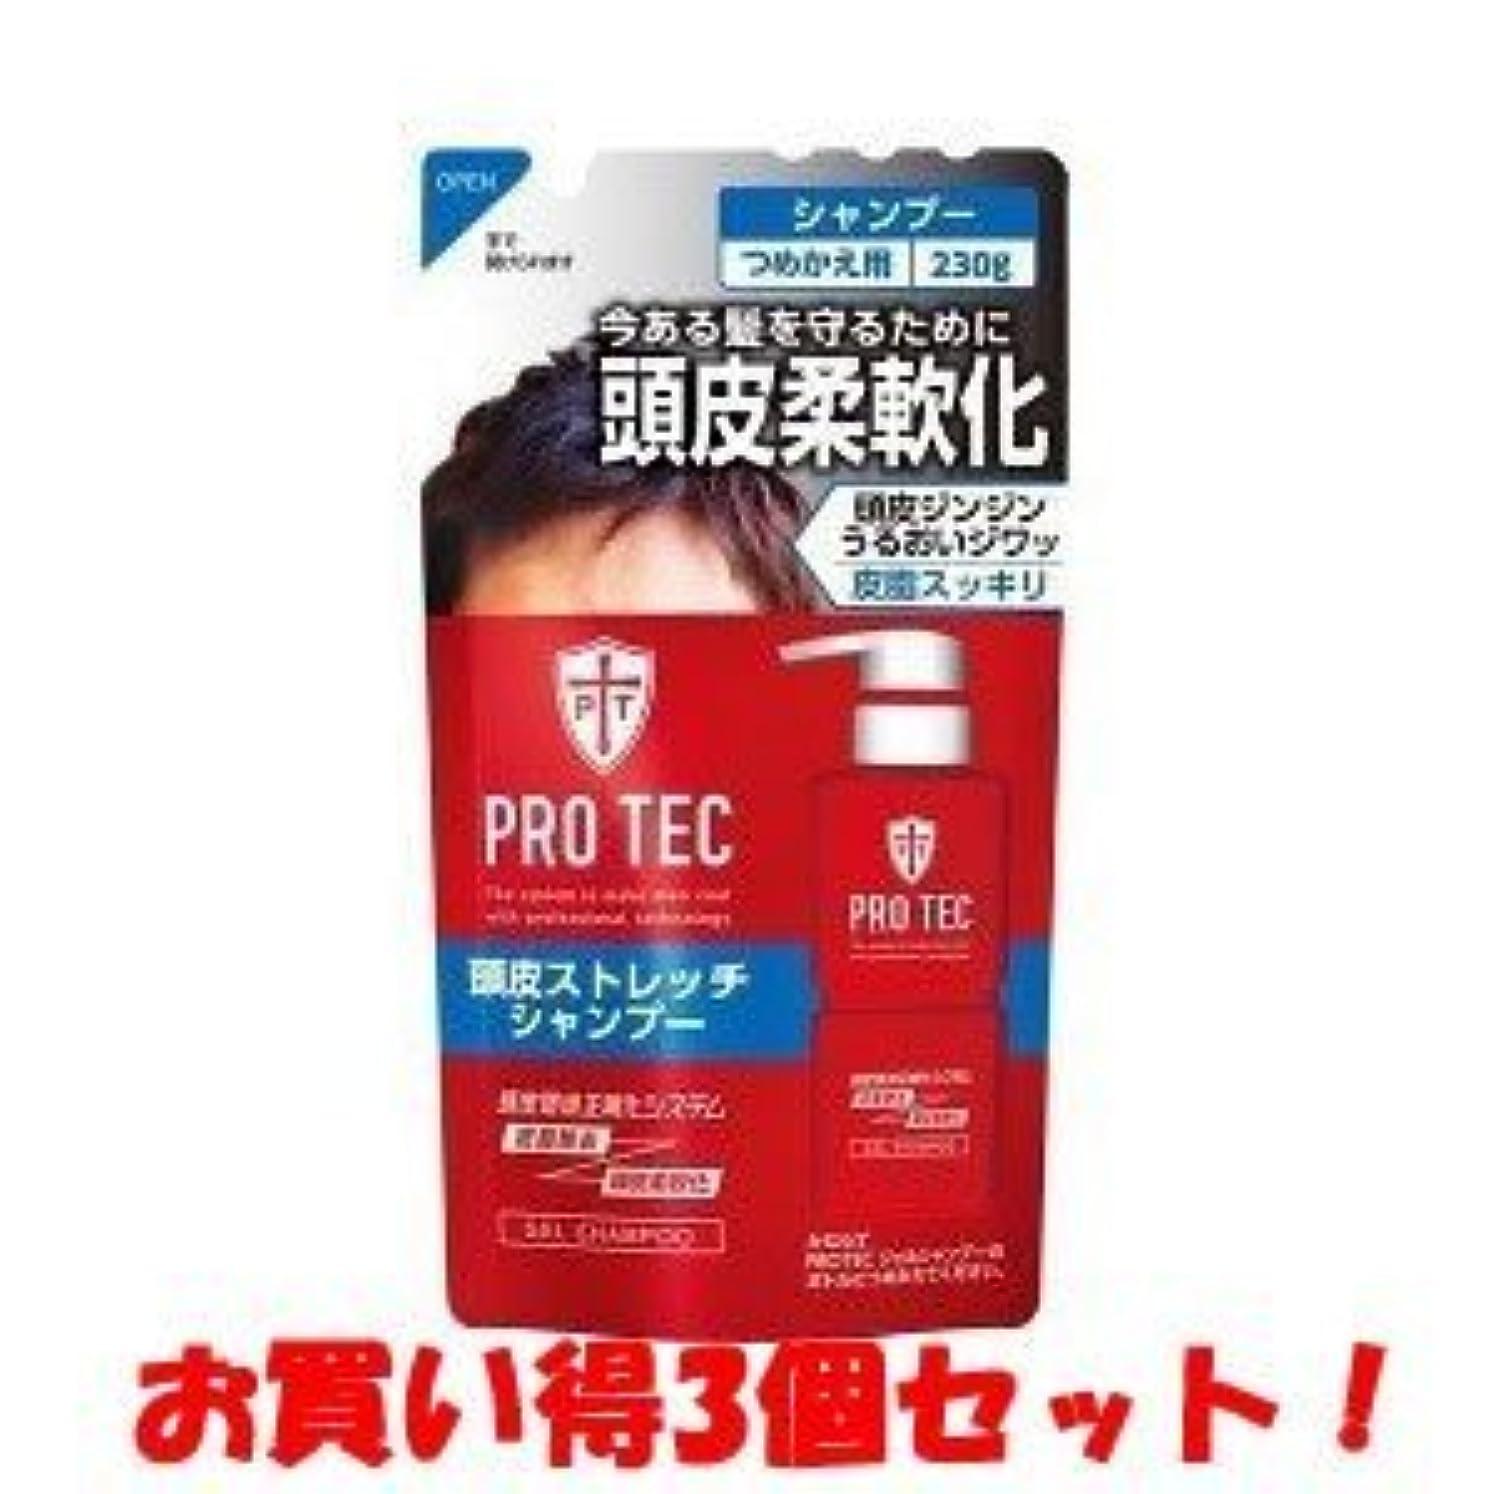 病気の爵韓国語(ライオン)PRO TEC(プロテク) 頭皮ストレッチ シャンプー つめかえ用 230g(医薬部外品)(お買い得3個セット)